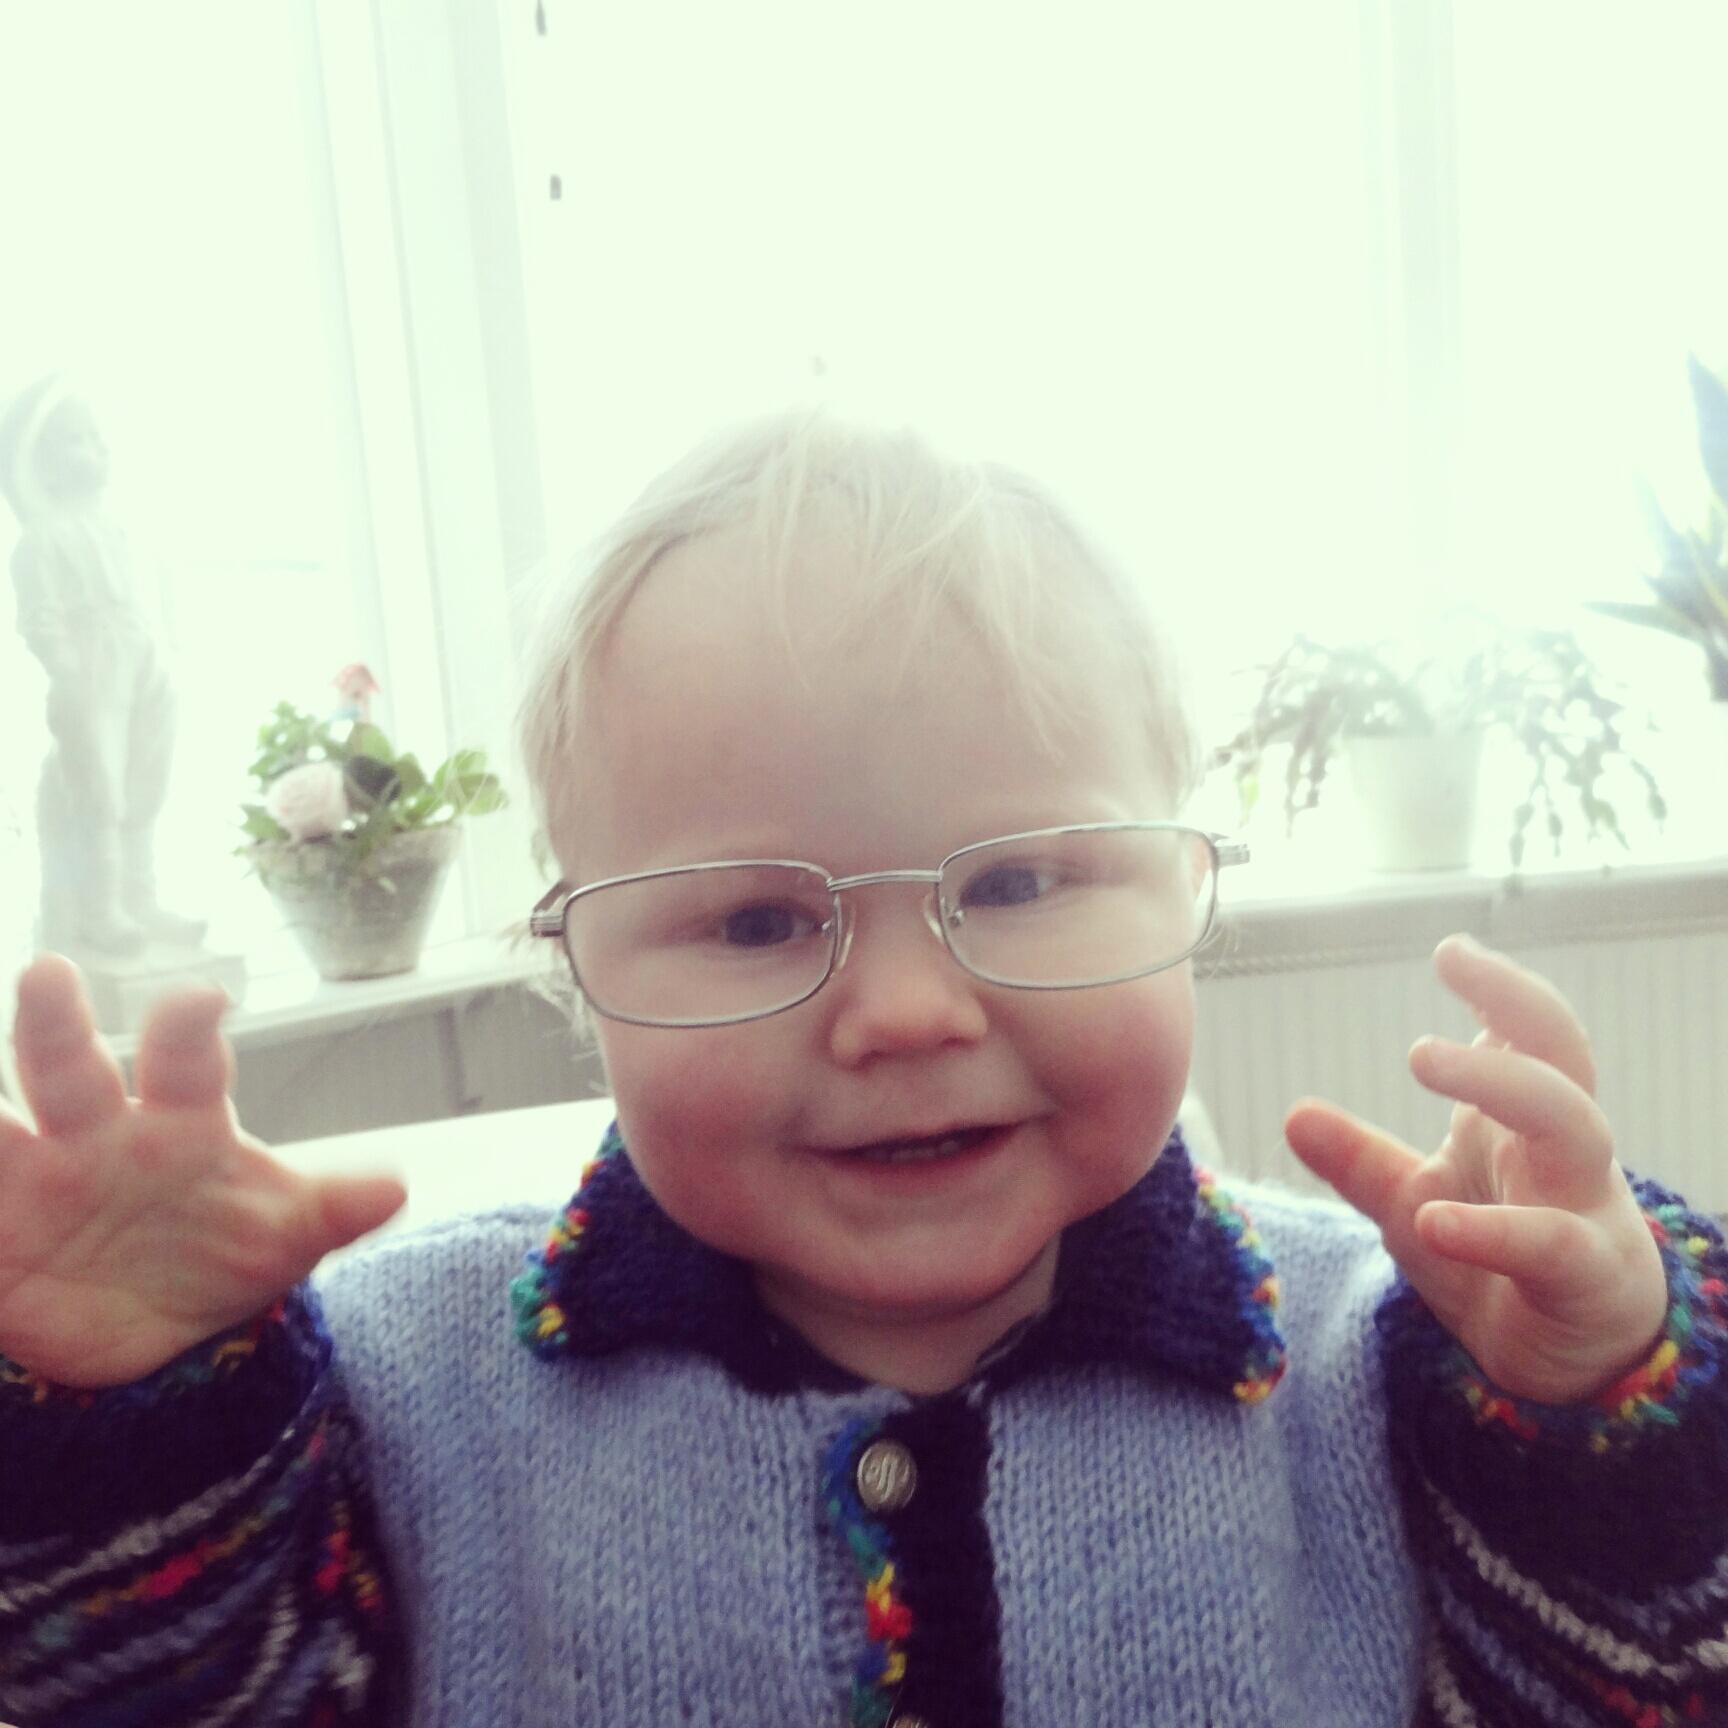 solsidan ove fyller år Oliver 15 månader | Martinas lilla värld solsidan ove fyller år